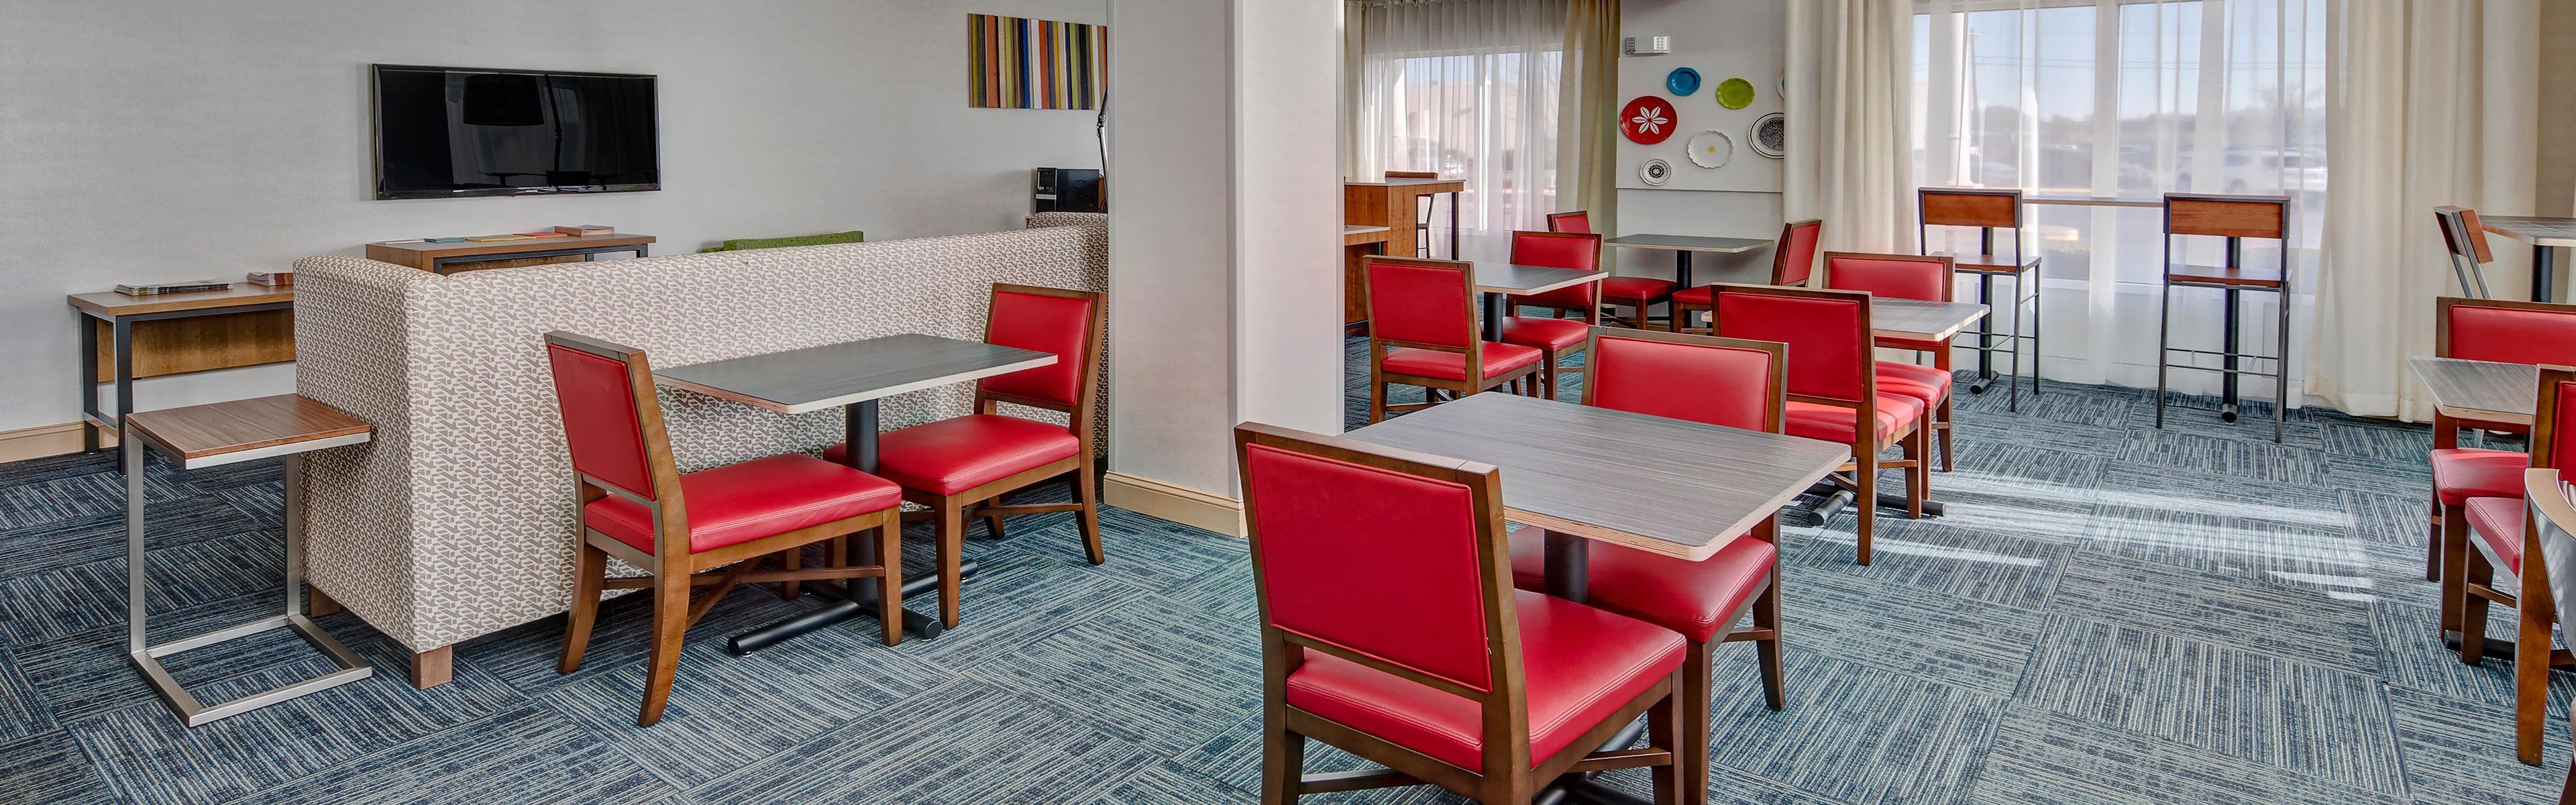 London Ky Motels Hotels